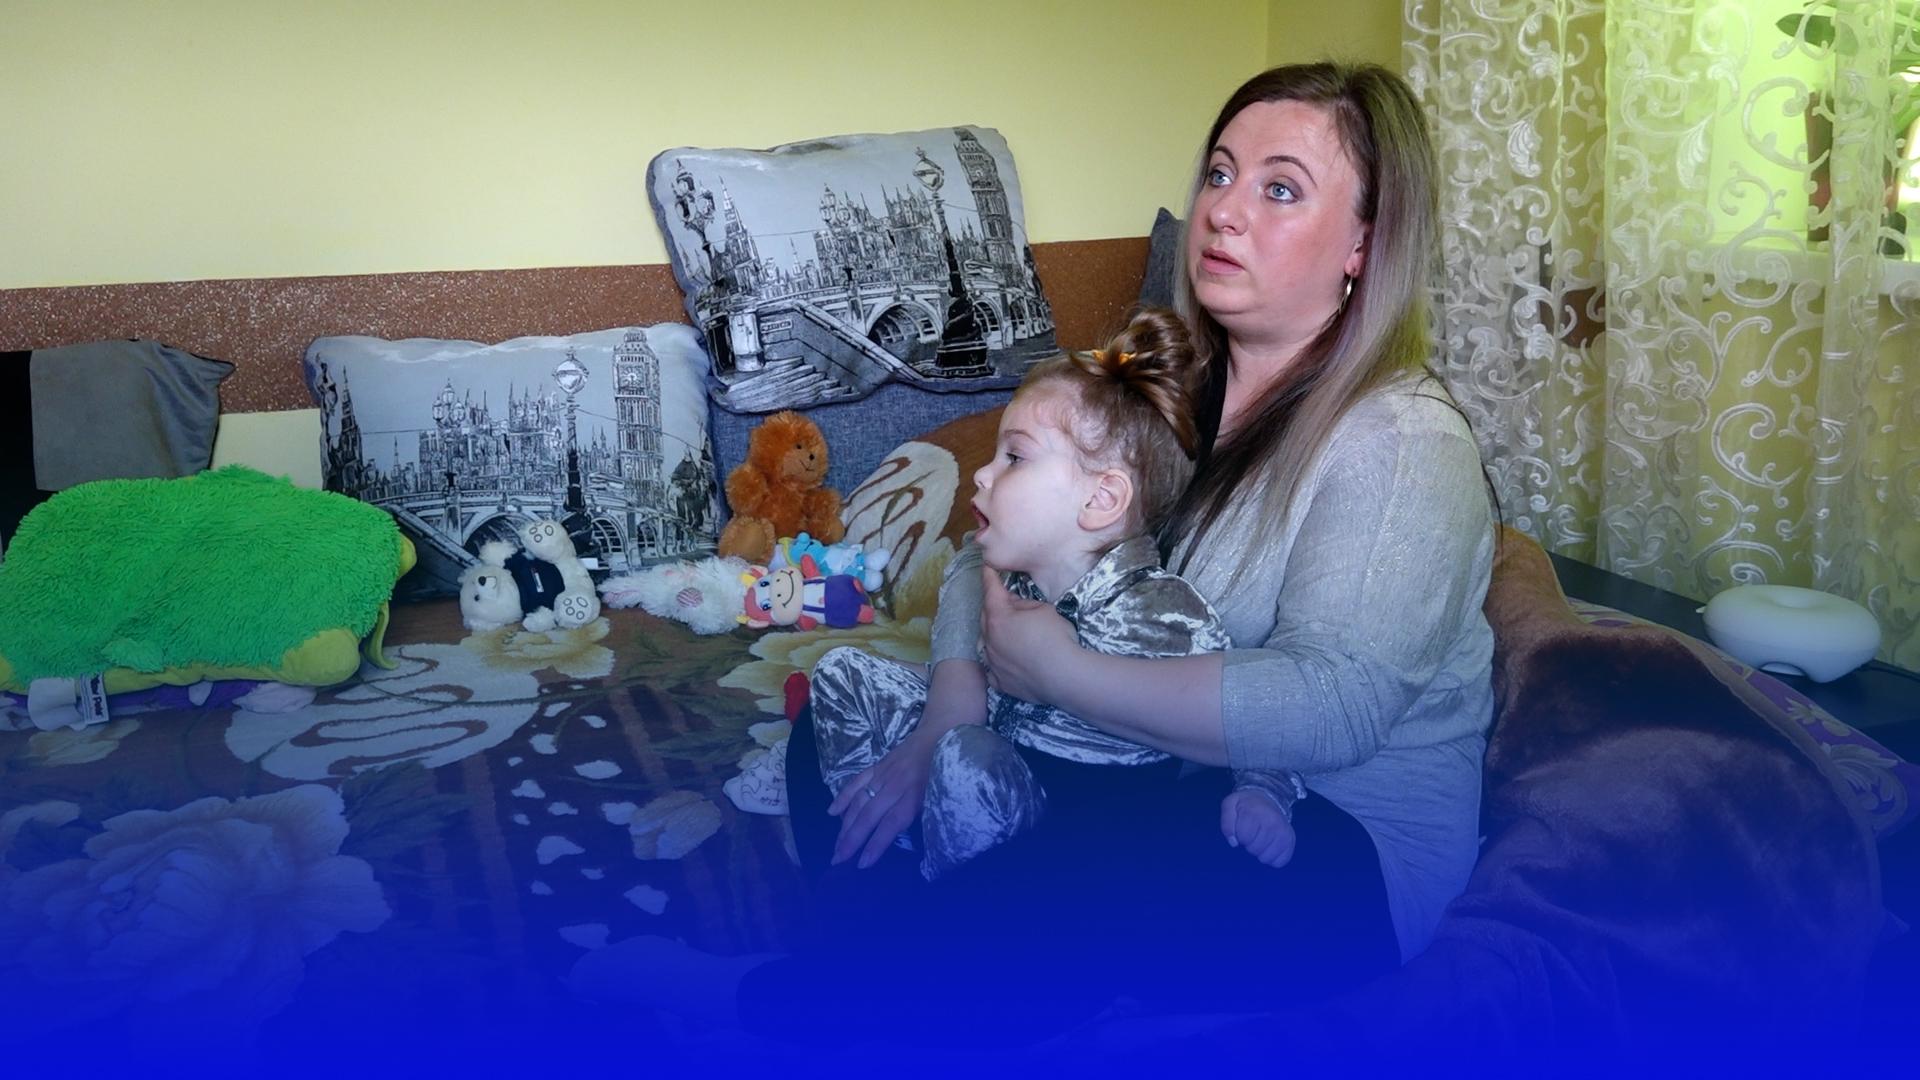 """Хвороба донечки розділила її життя на """"до"""" і """"після"""": історія матері, яка виховує дитину з інвалідністю"""